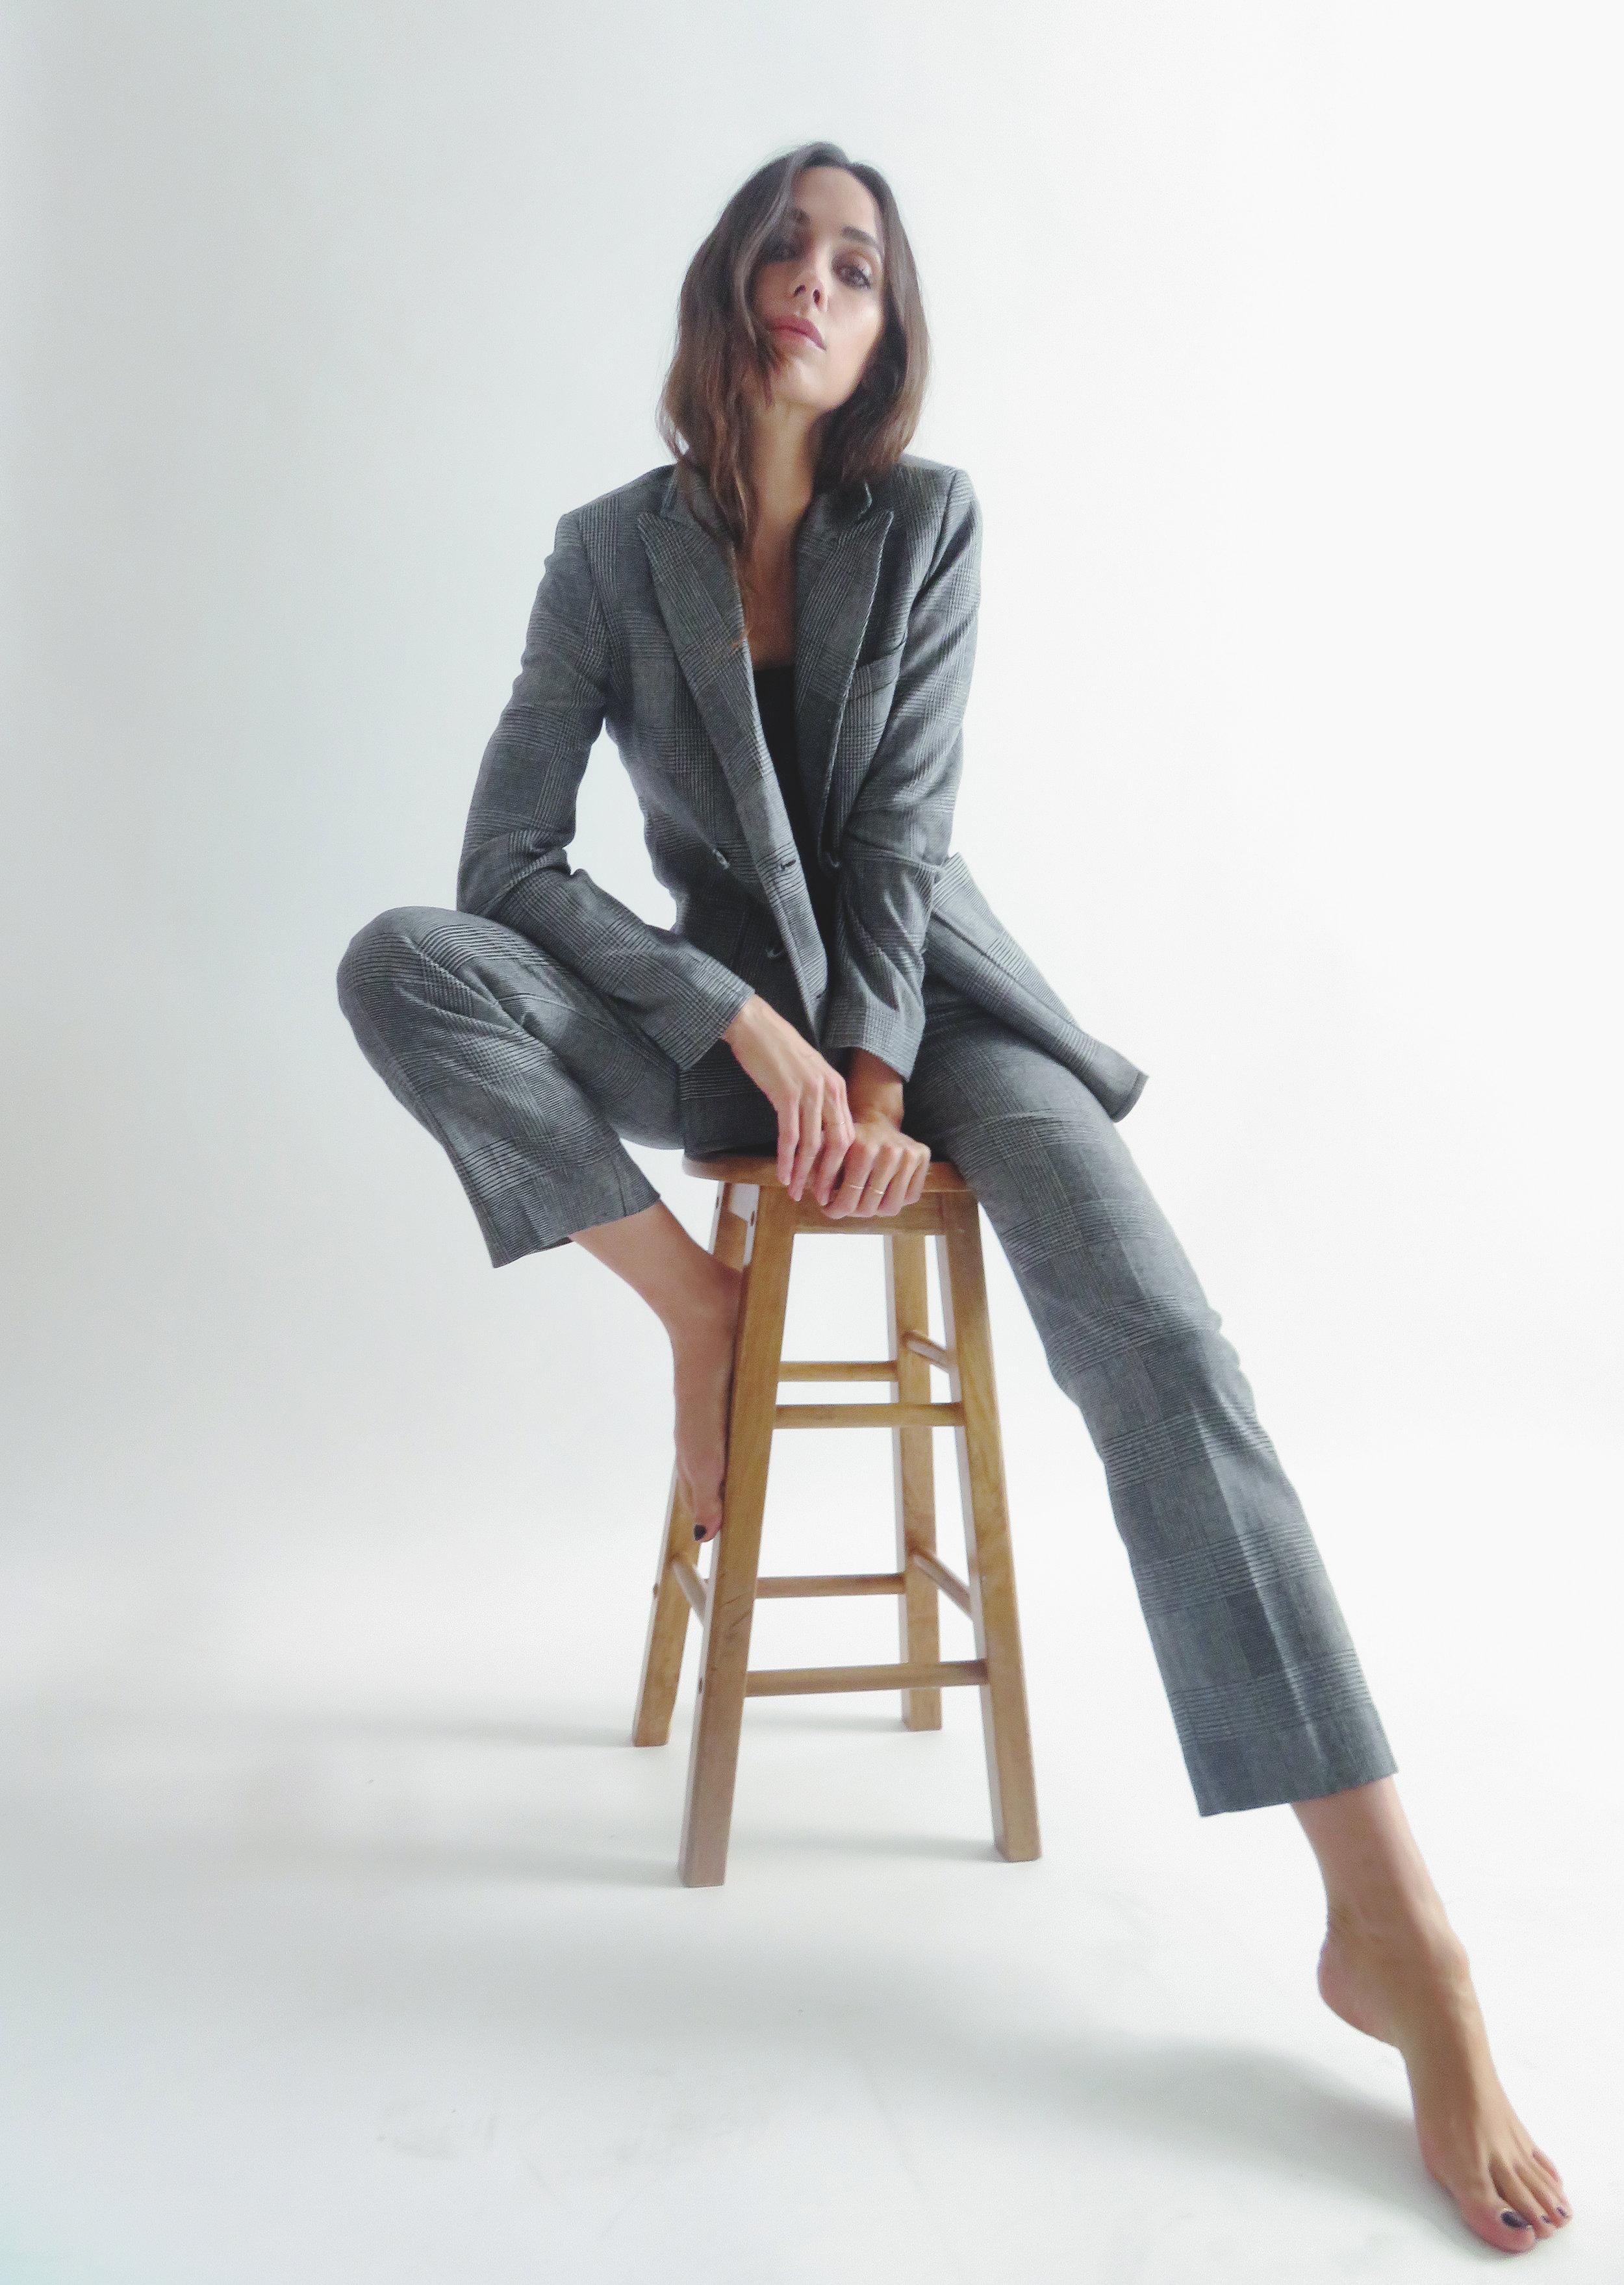 Blazer and trousers by   ROUJE  ,Silk cami by   TIBI  ,Jewelry by   CATBIRD